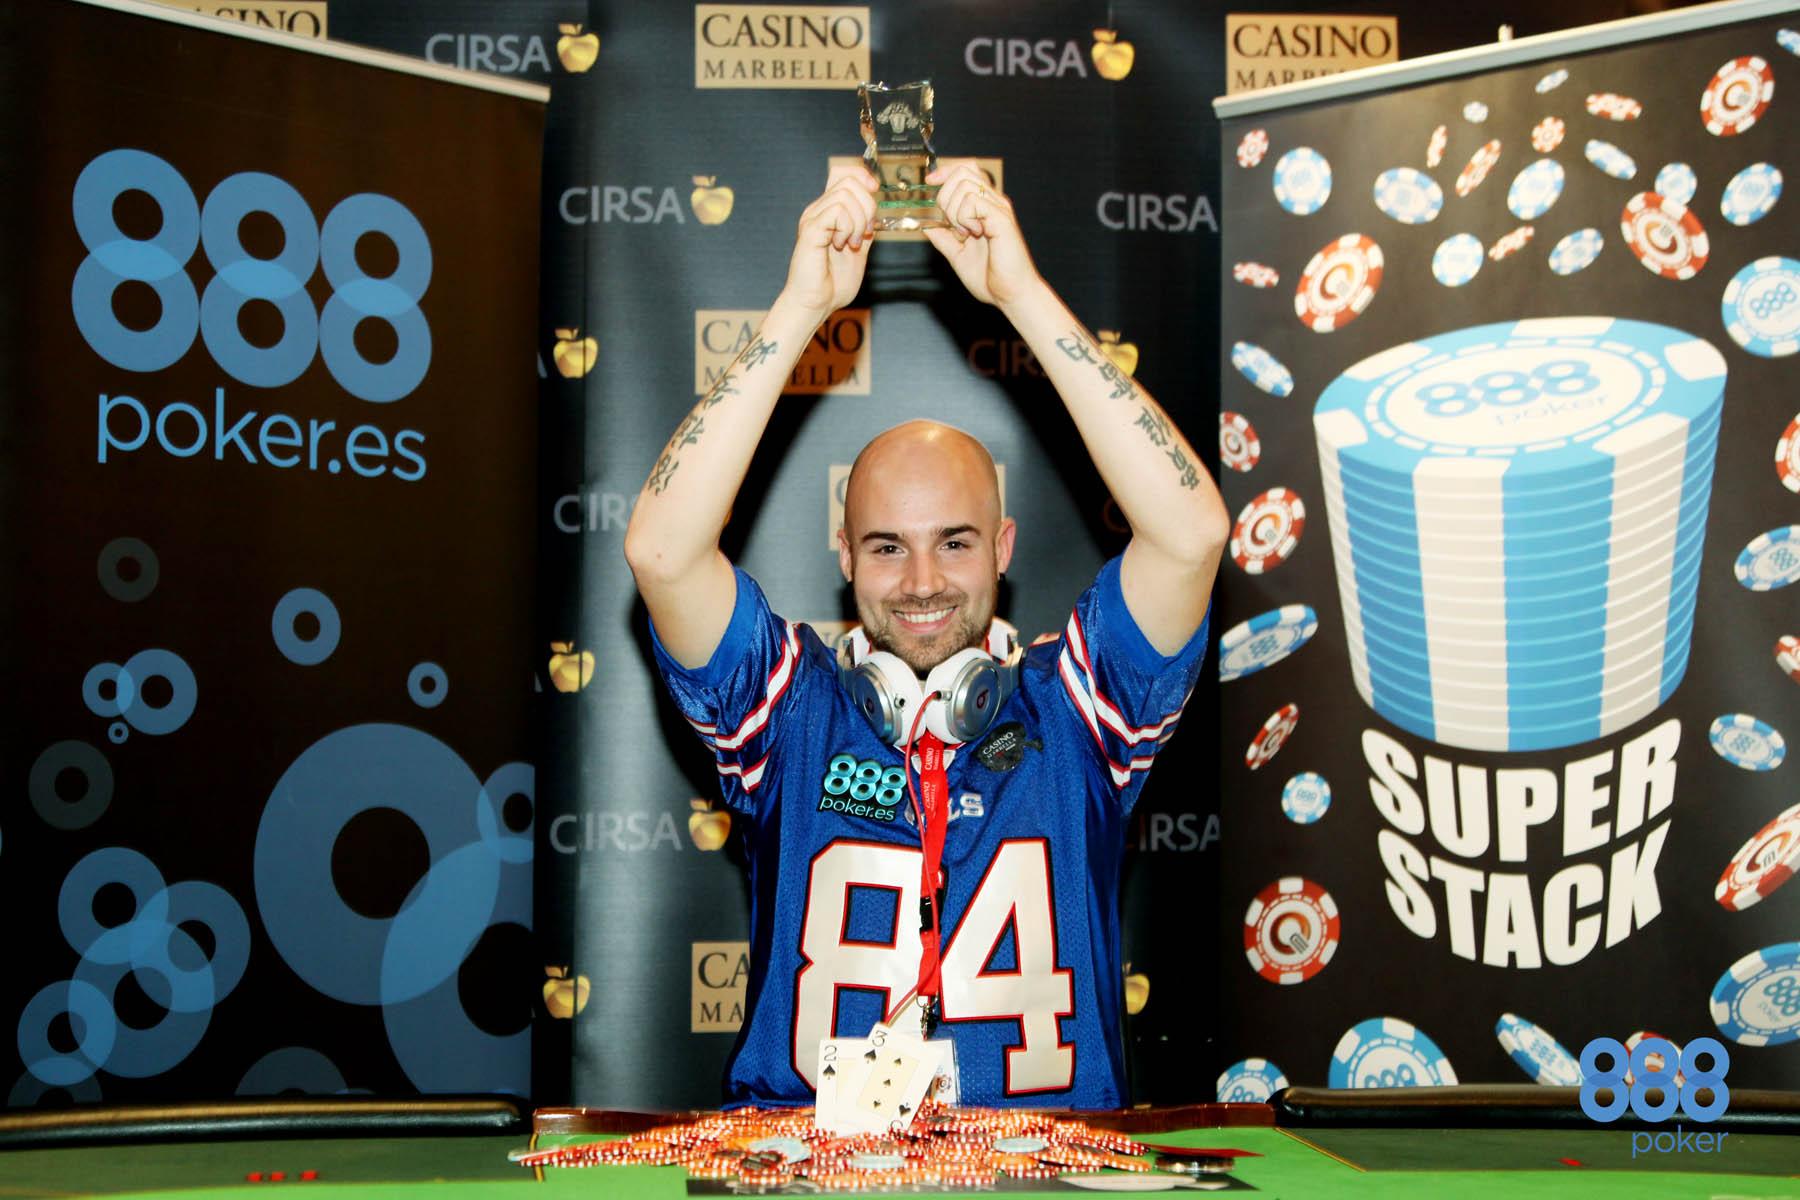 casino marbella 888 poker